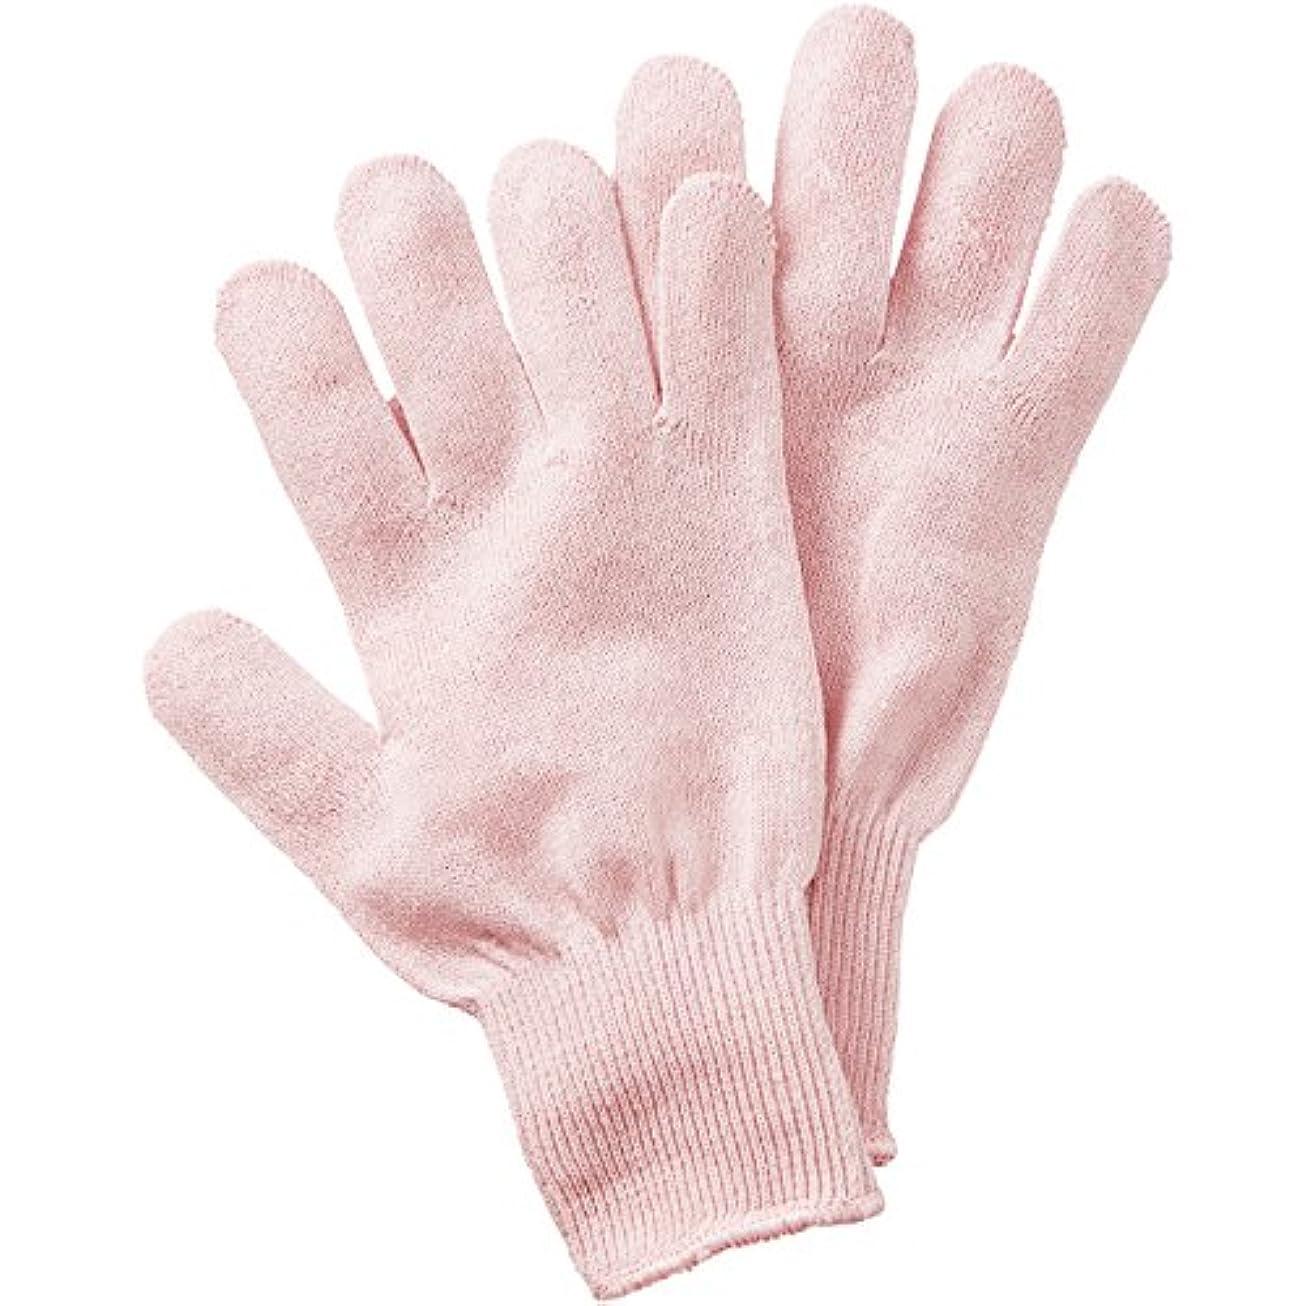 代替人間広告セルヴァン シルク混おやすみ手袋 ピンク